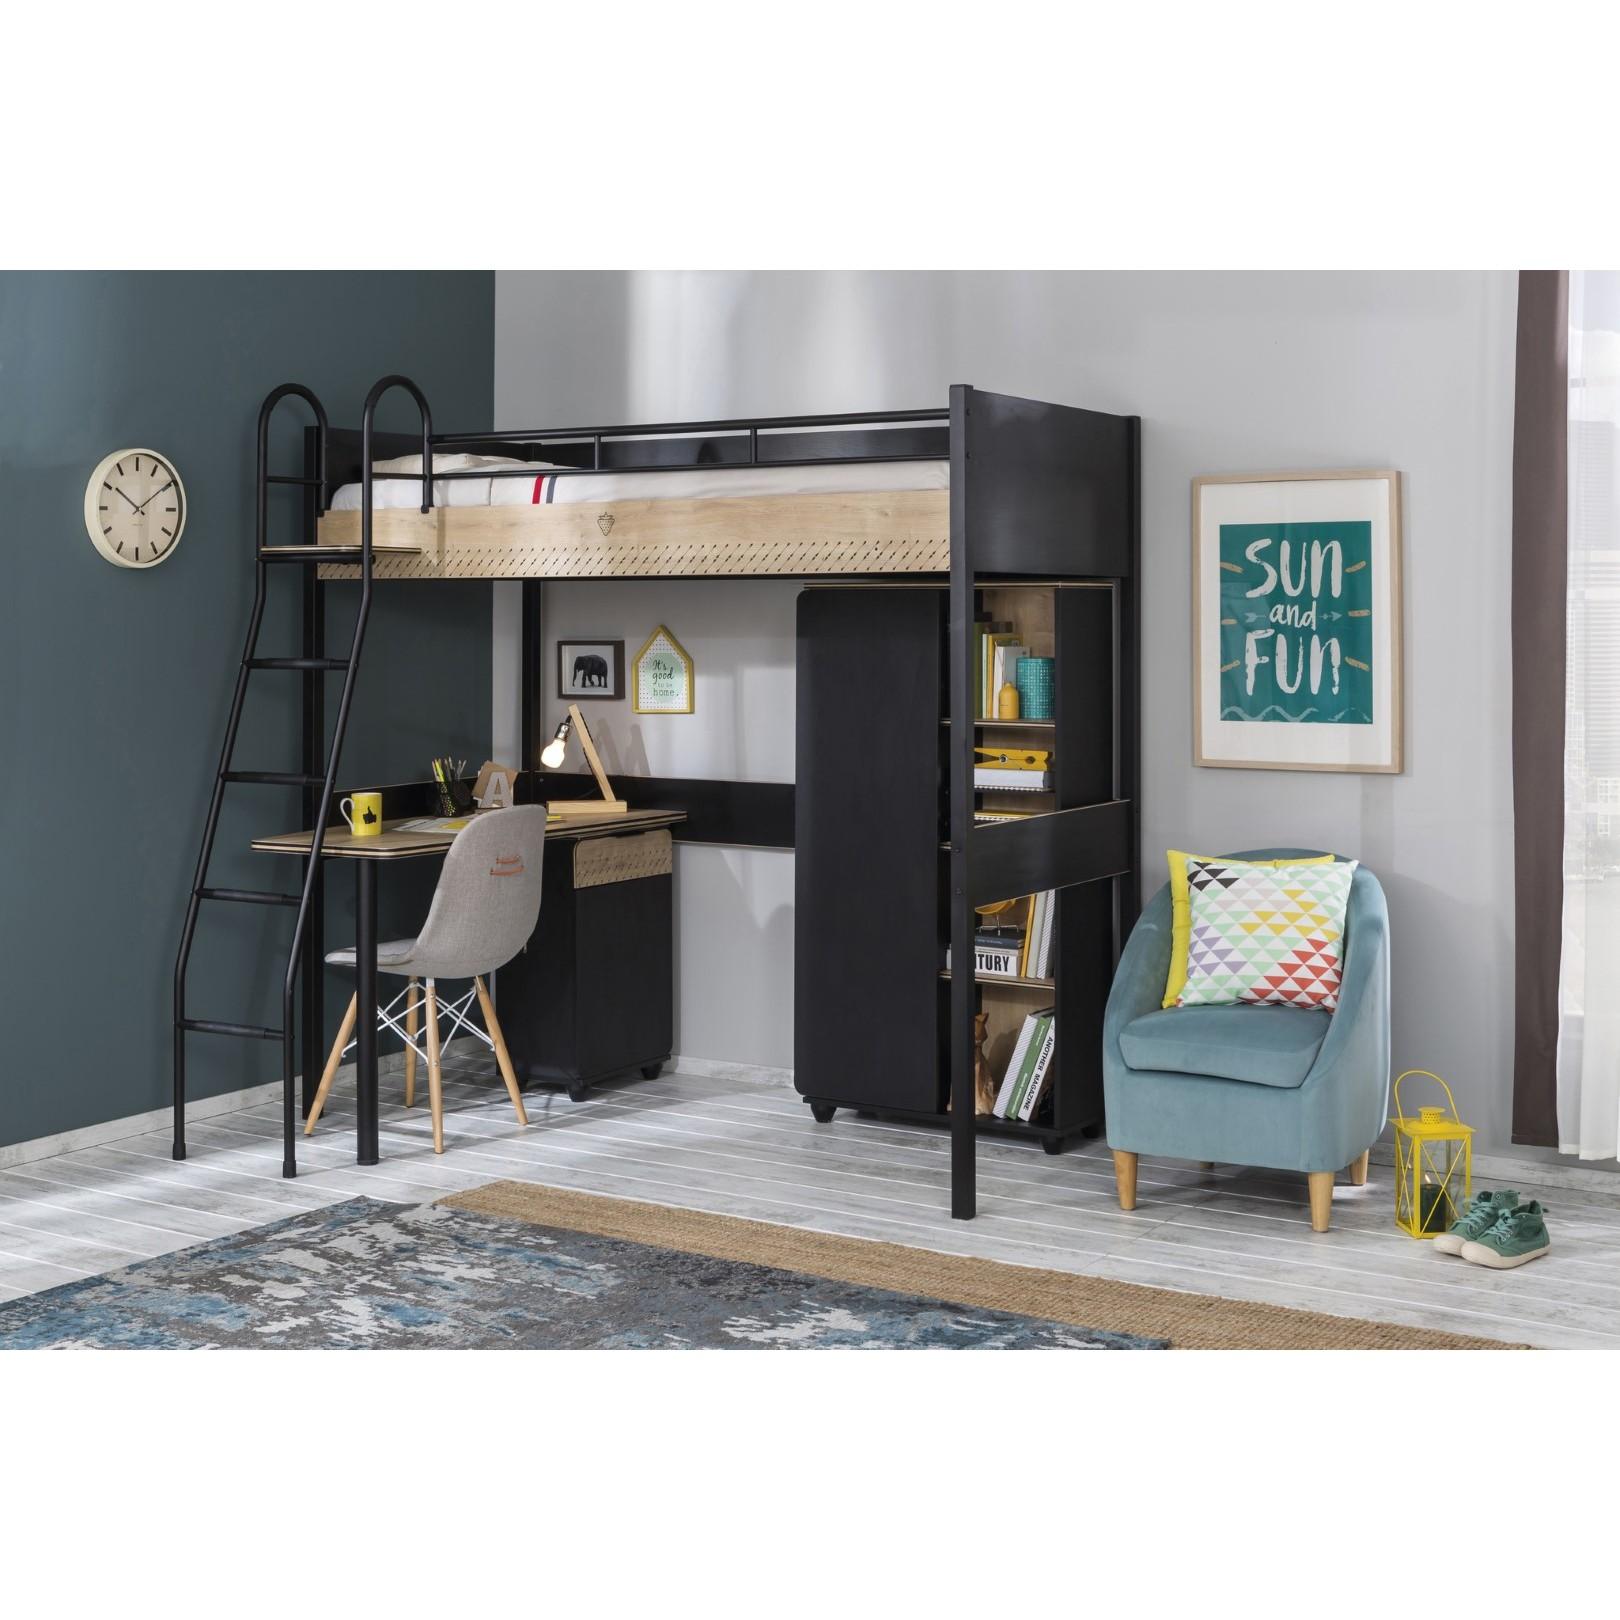 New York Compact hoogslaper zwart tienerkamer 190 x 90 cm